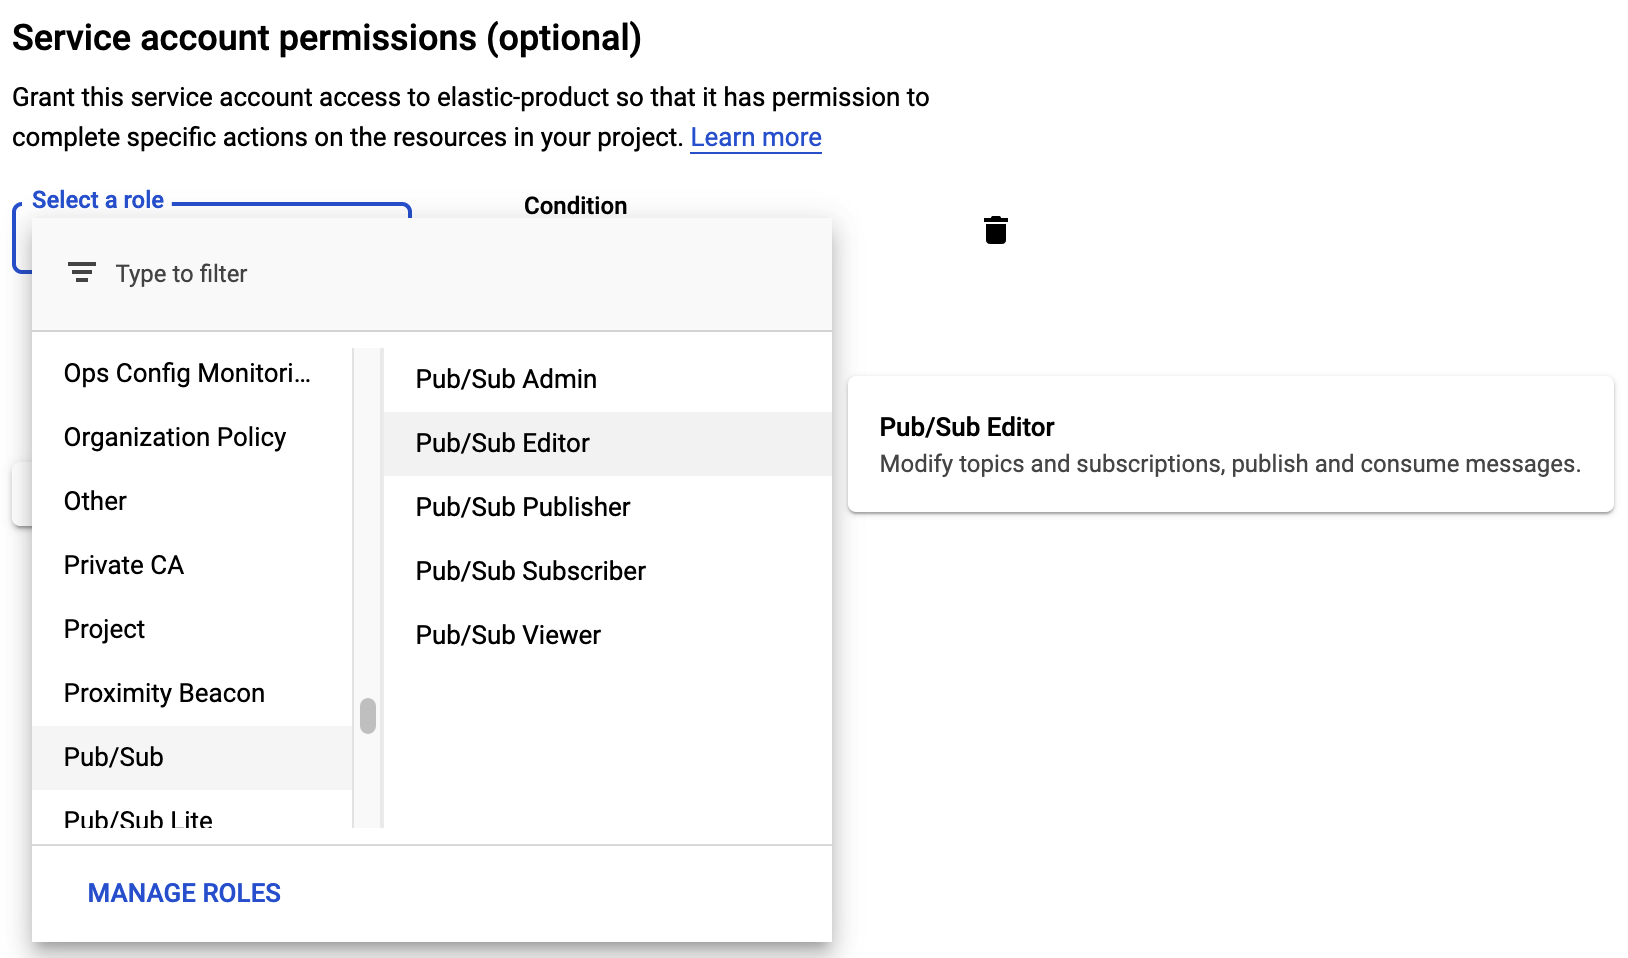 Service account Pub/Sub editor role.